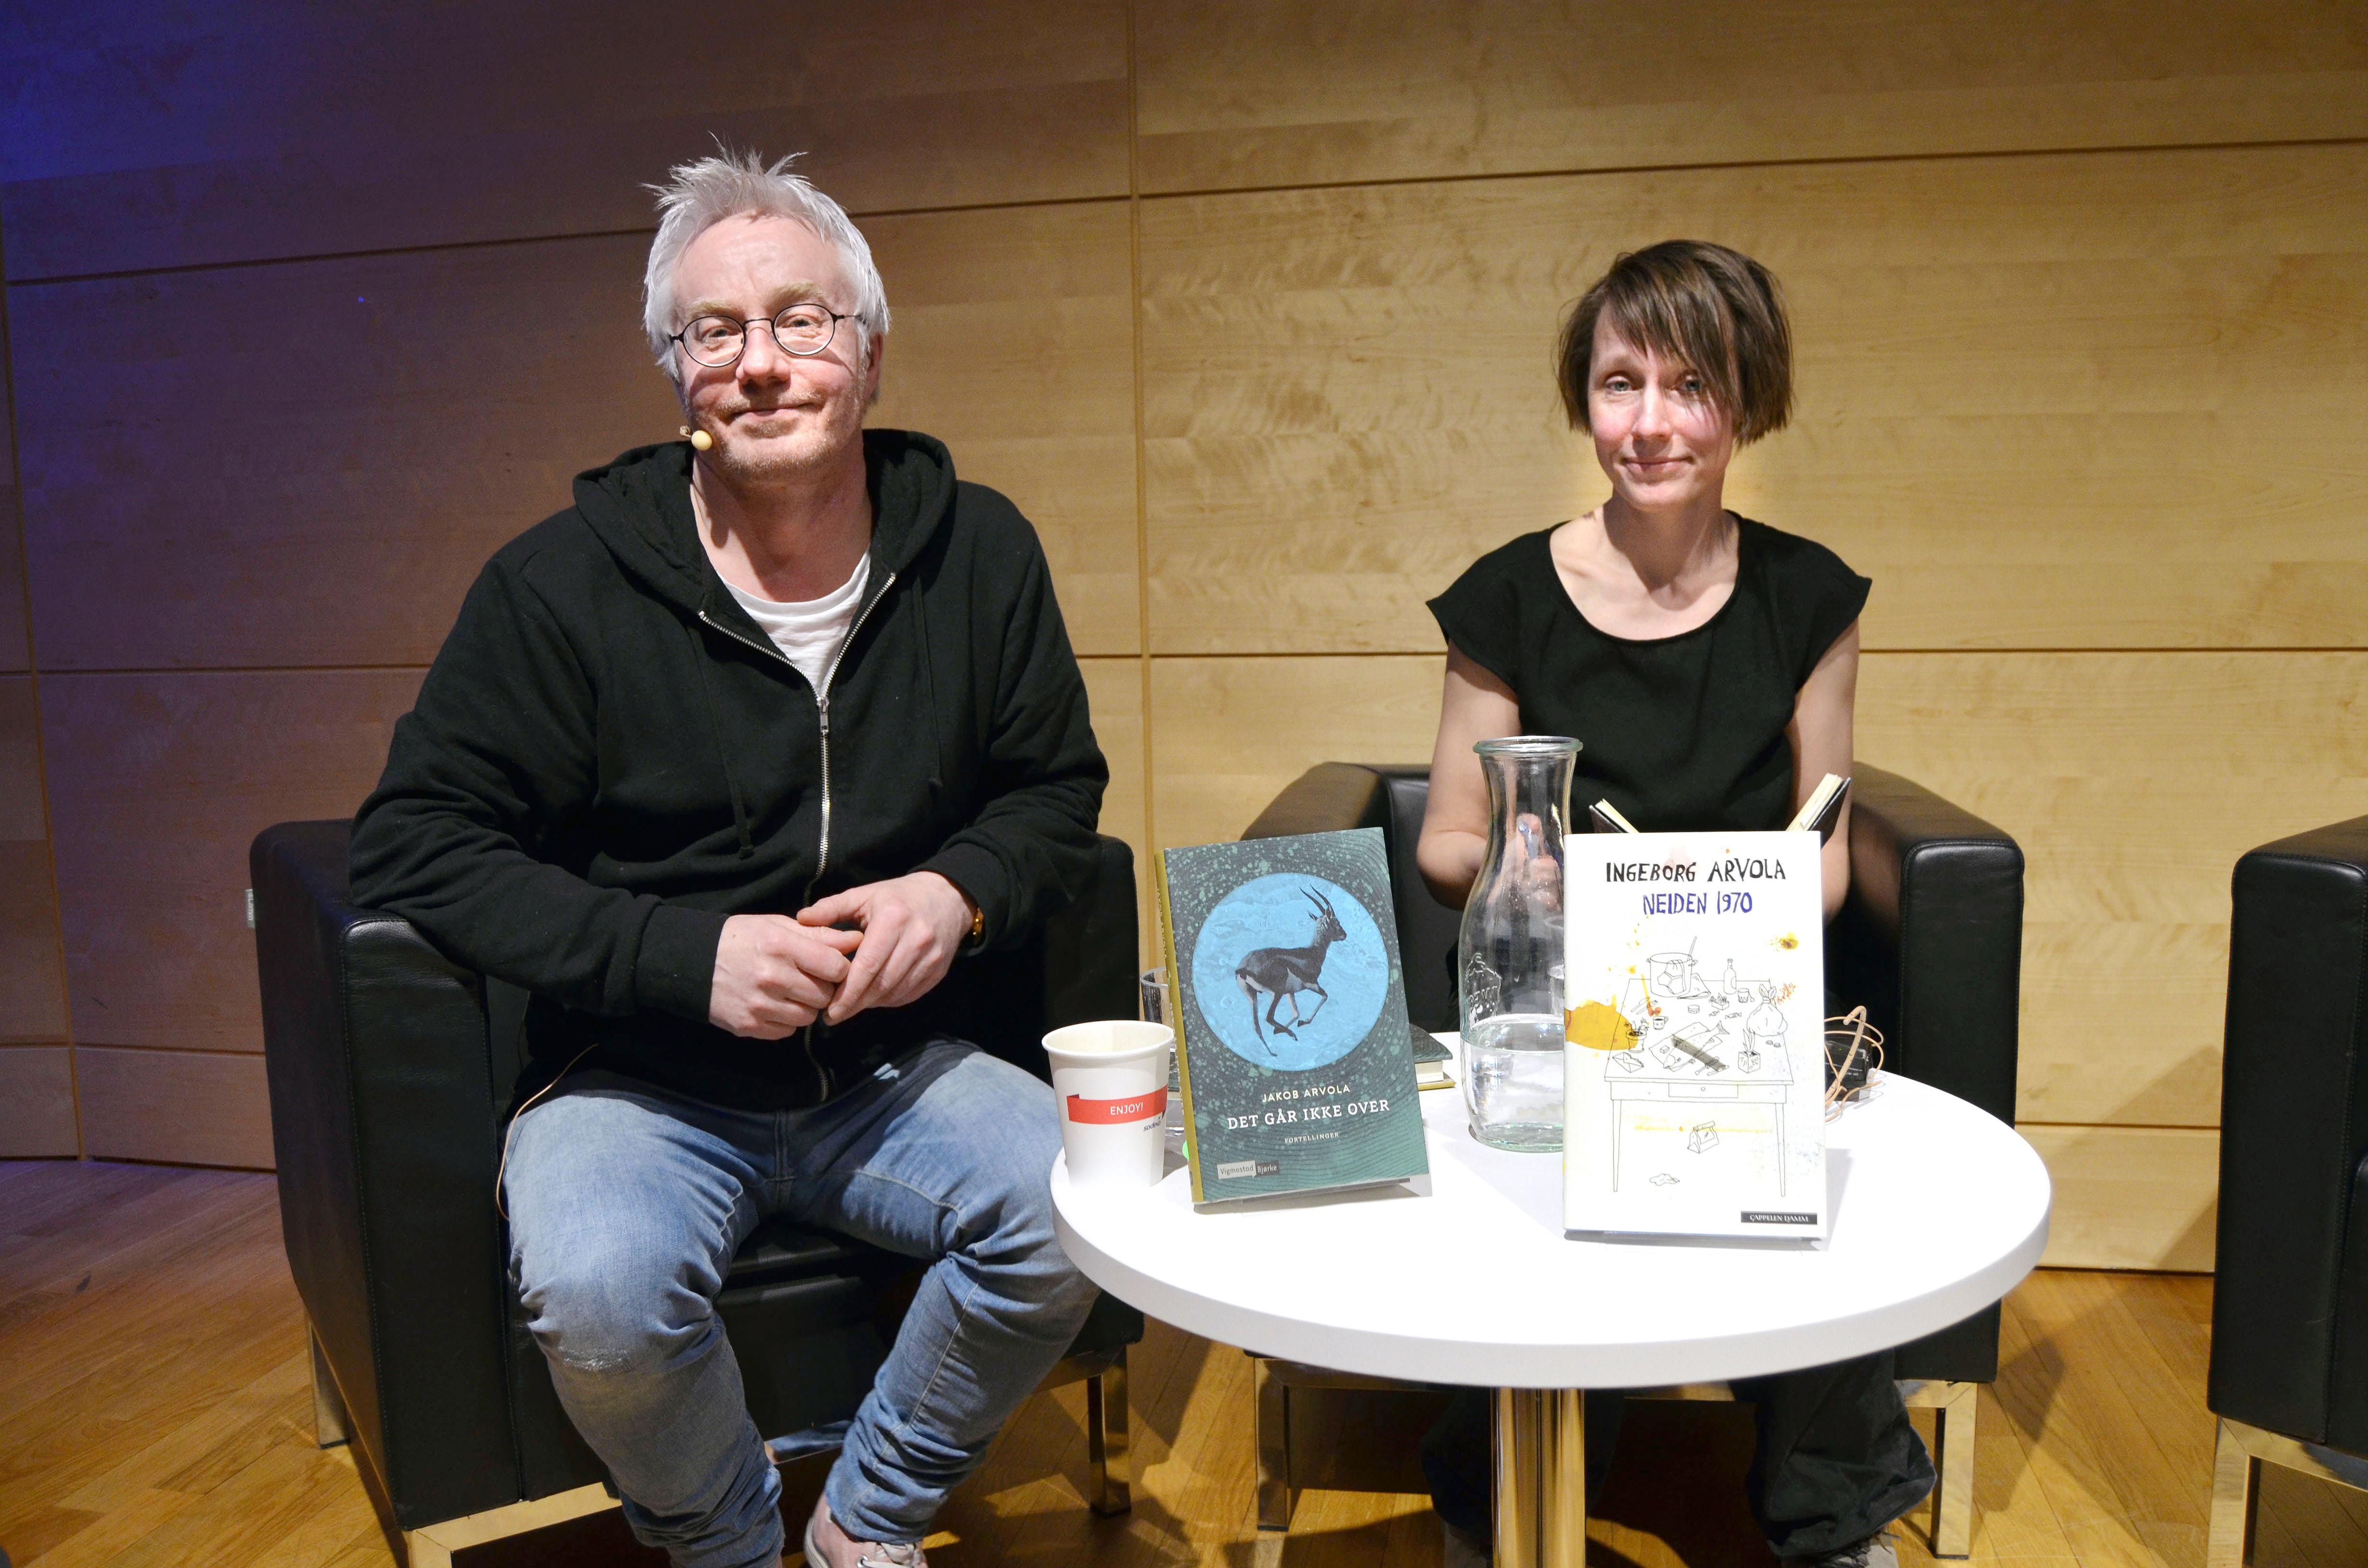 Møte med kvenske samtidsforfattere